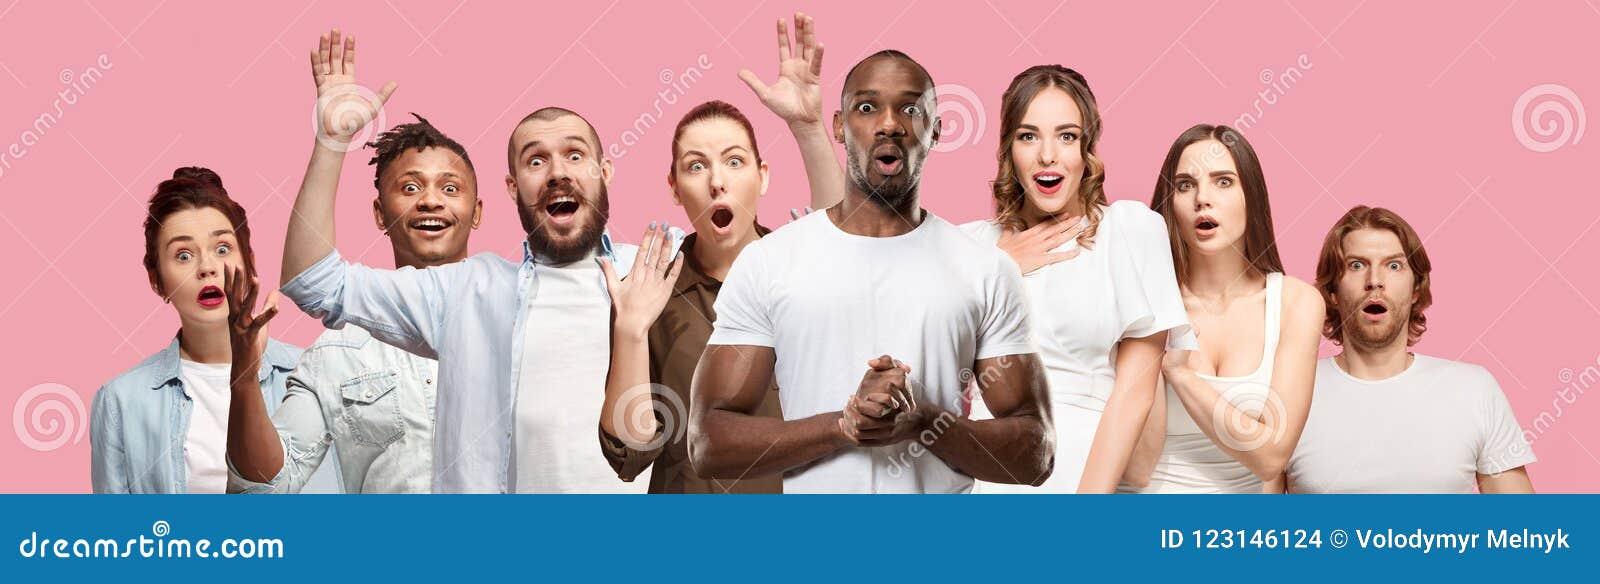 Il collage dei fronti della gente sorpresa sugli ambiti di provenienza rosa Emozioni umane, concetto di espressione facciale